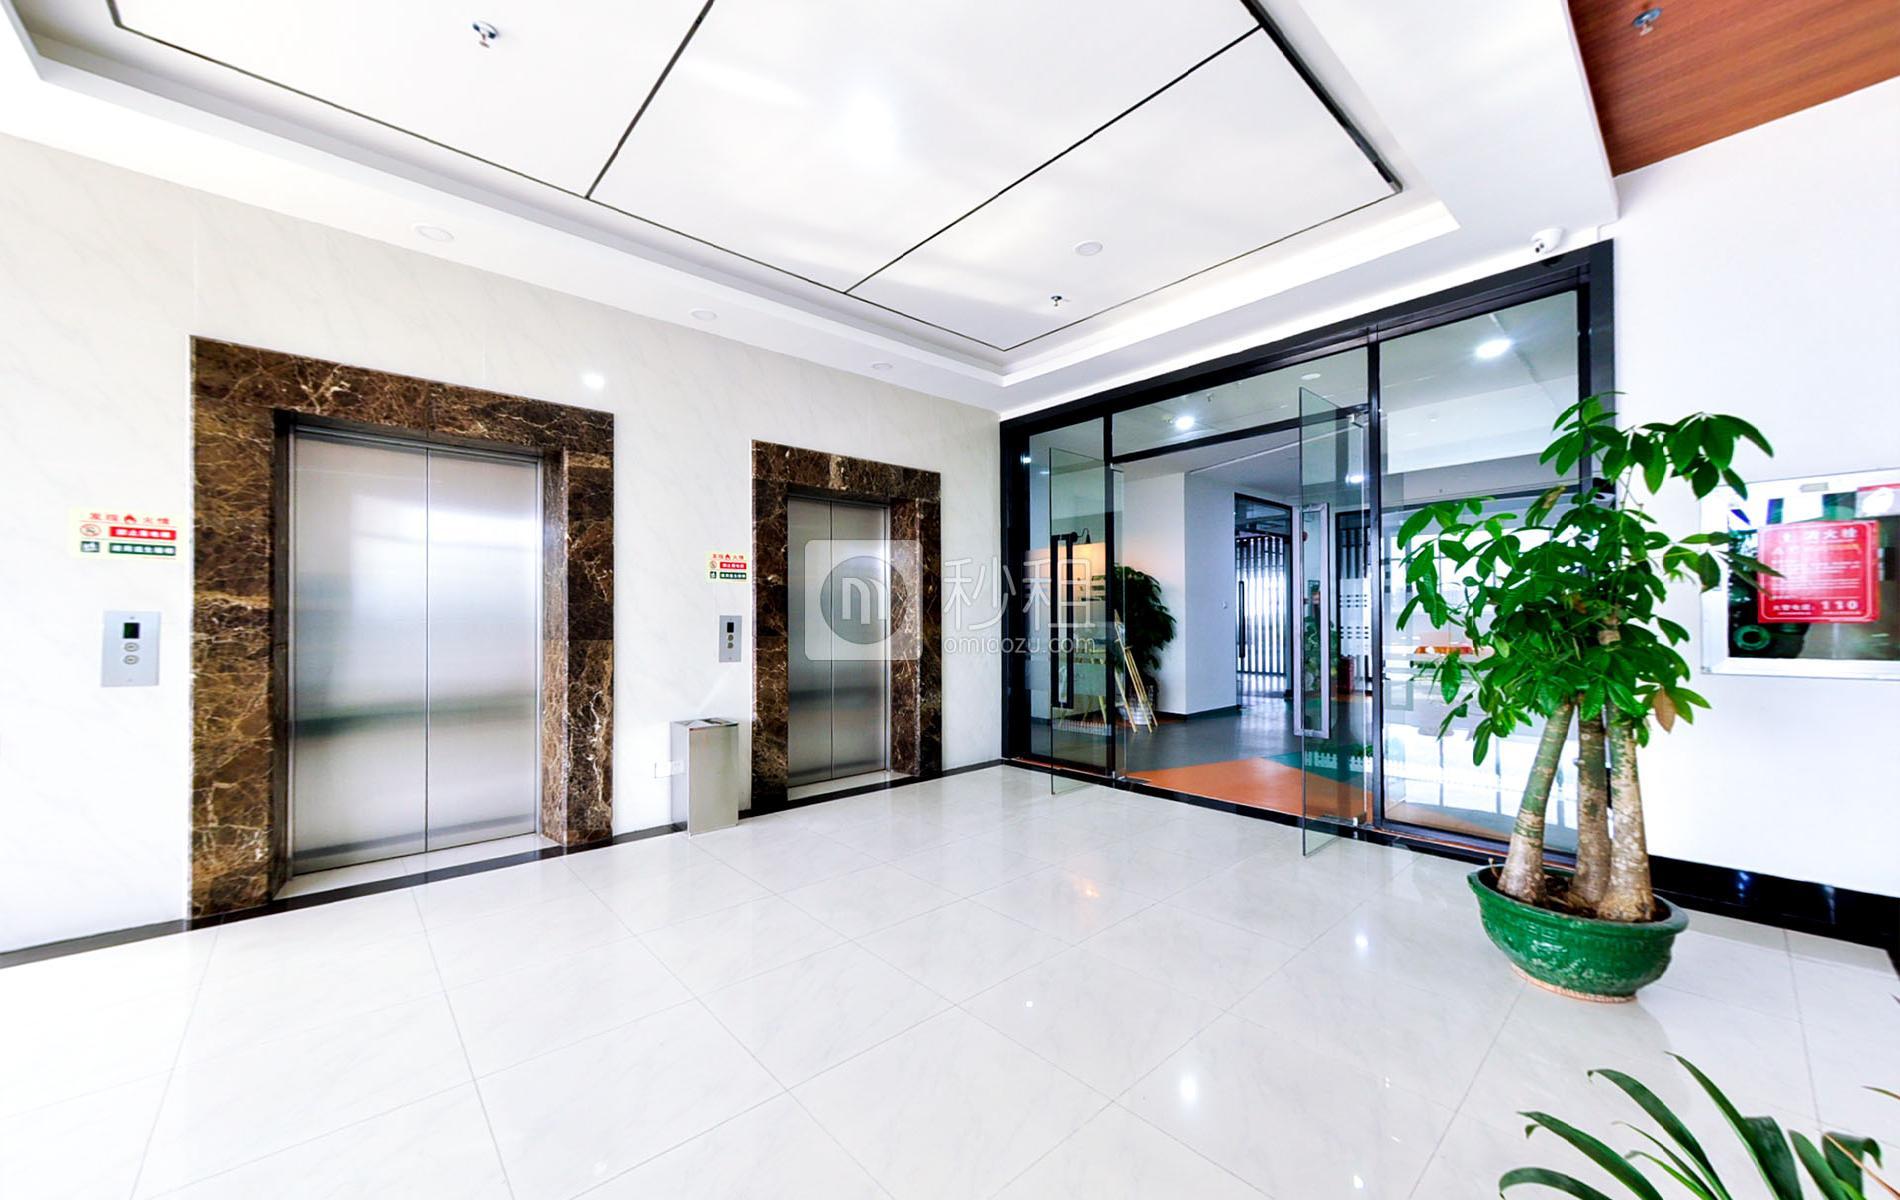 蓝马智造园-摩比大厦写字楼出租/招租/租赁,蓝马智造园-摩比大厦办公室出租/招租/租赁